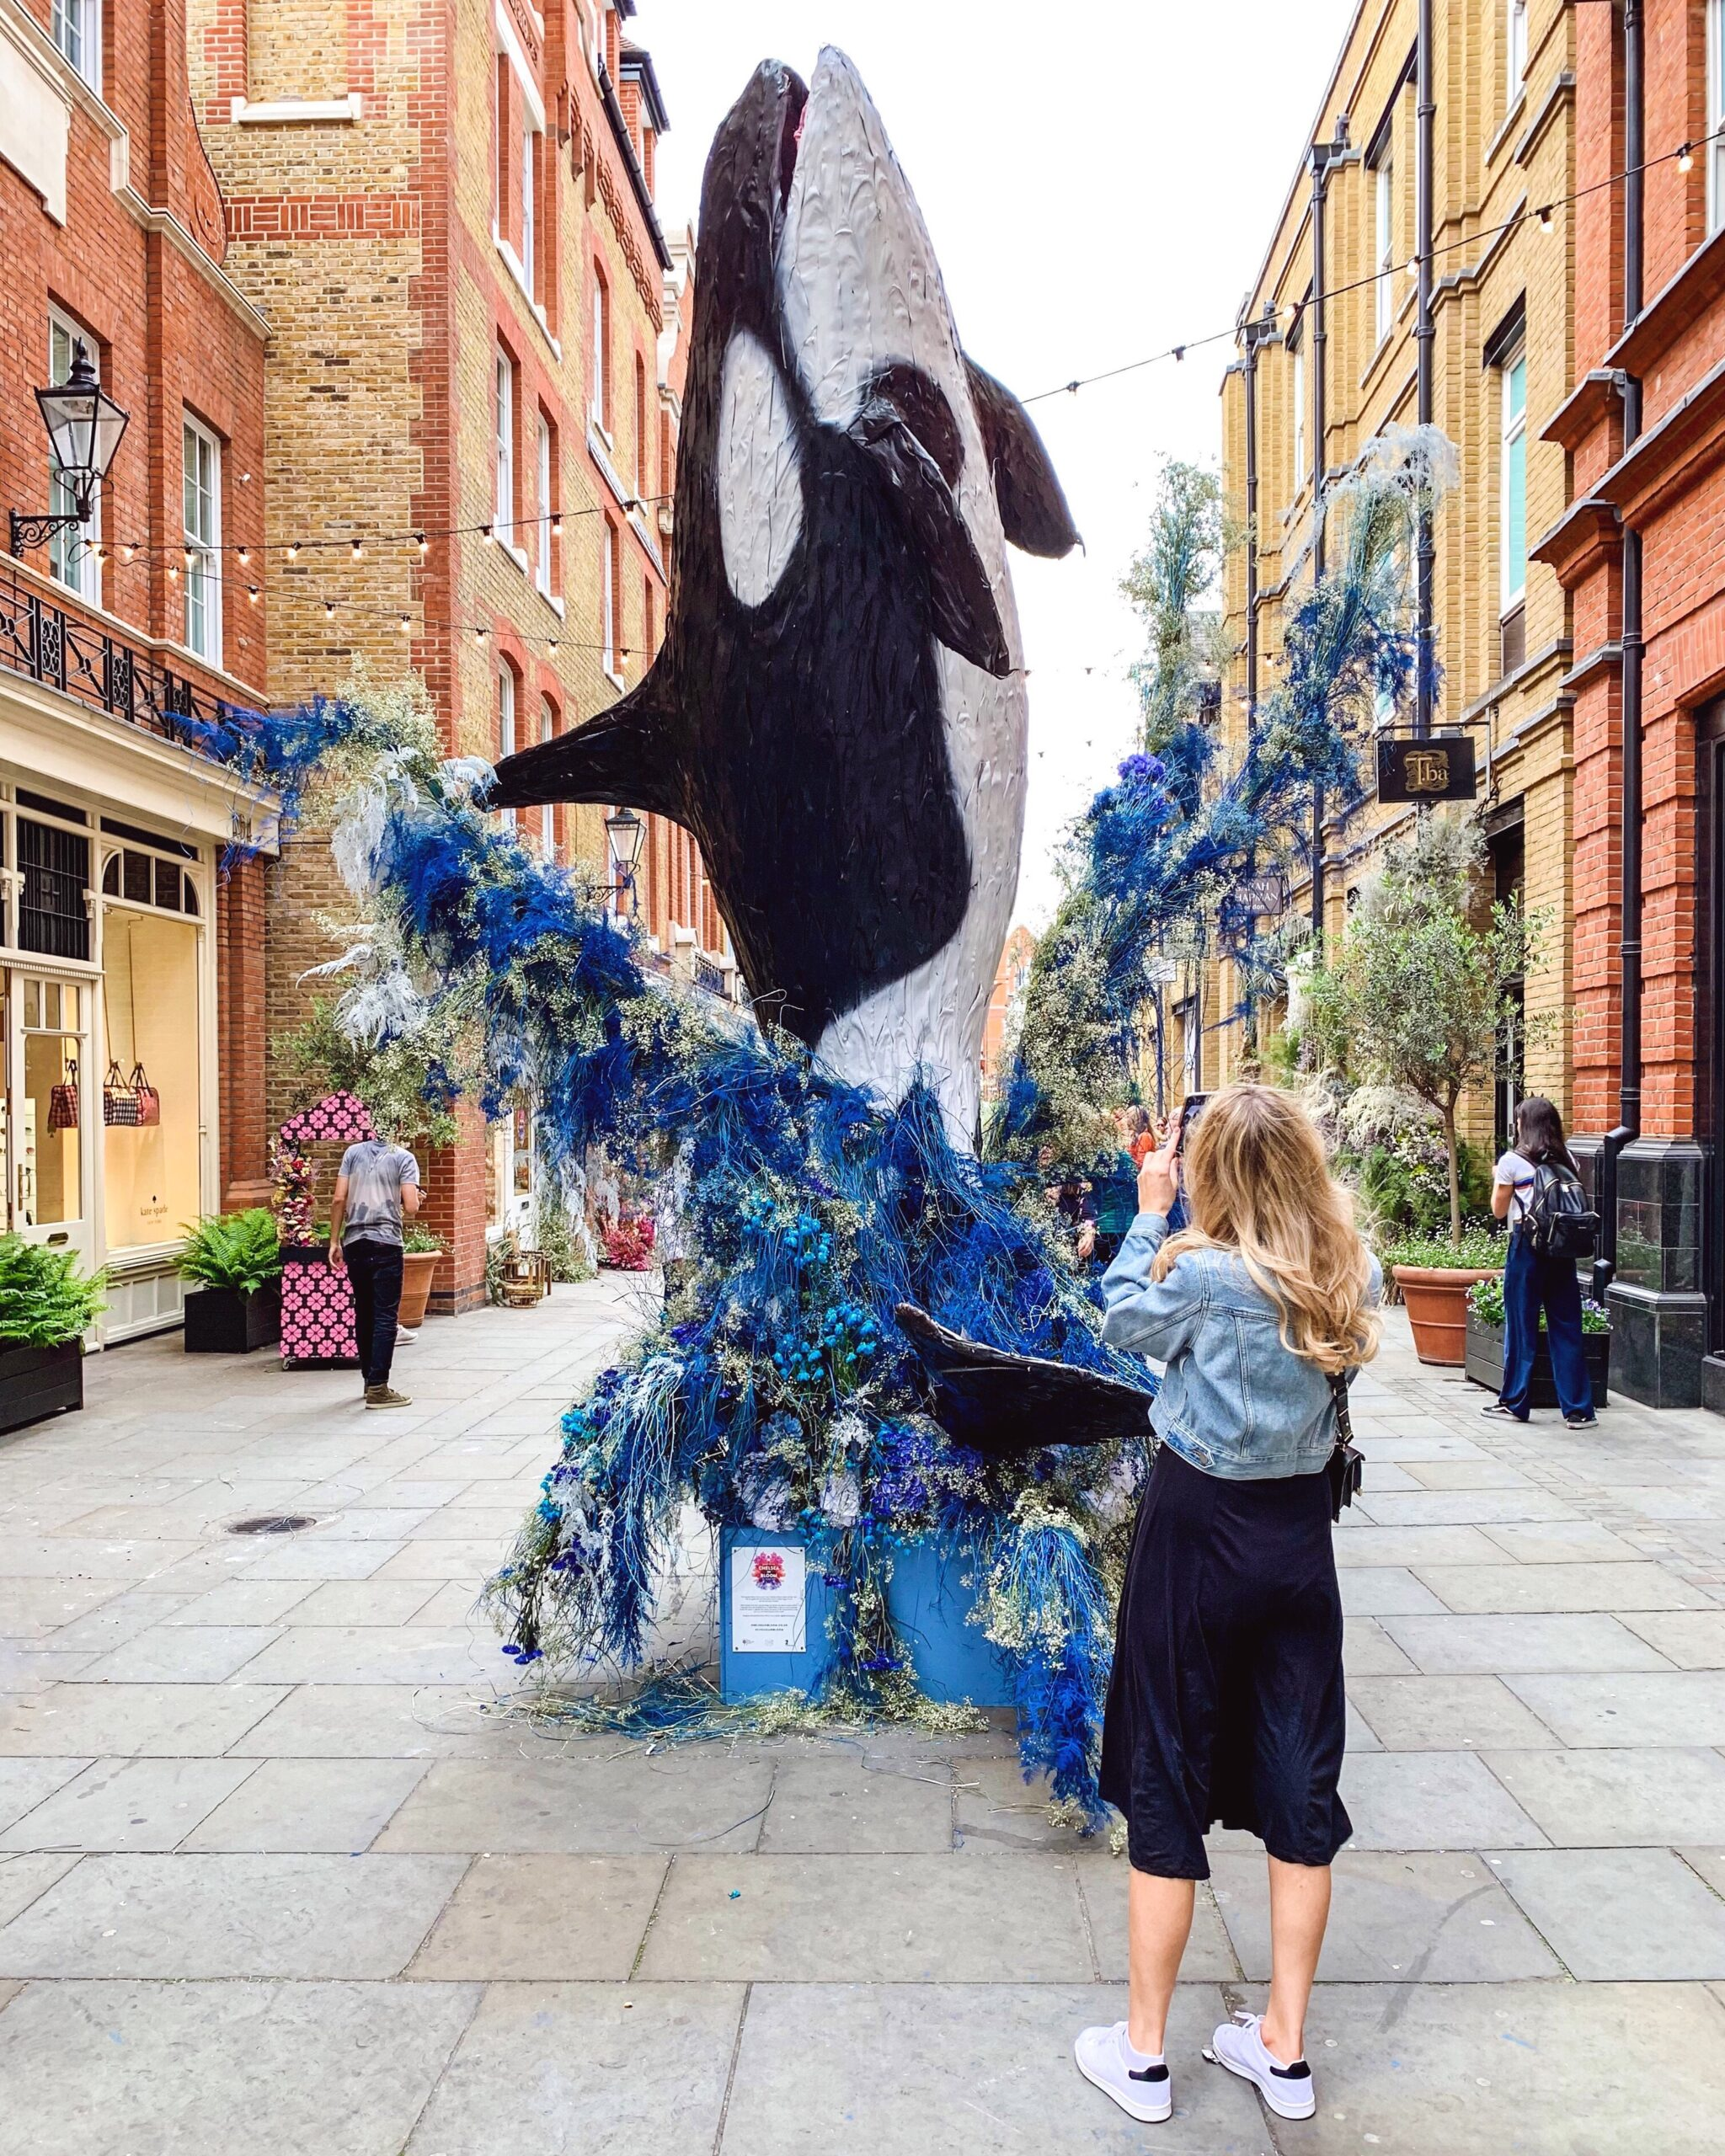 Chelsea in Bloom 2019 - The LDN Diaries